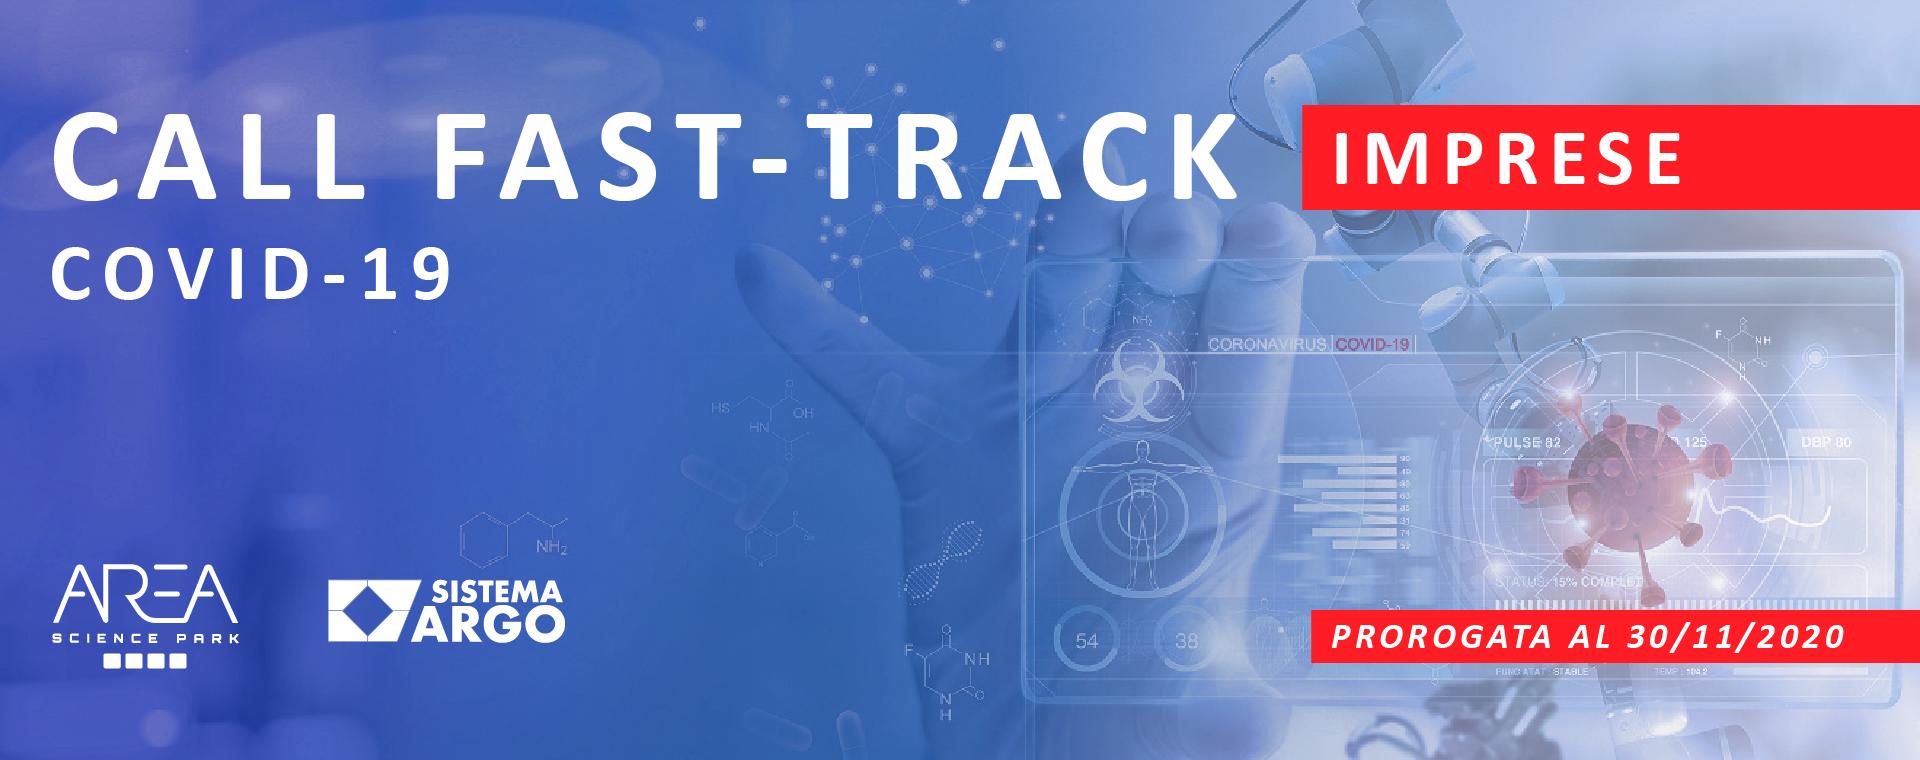 """""""FAST-TRACK COVID-19"""": la call si estende alle imprese"""